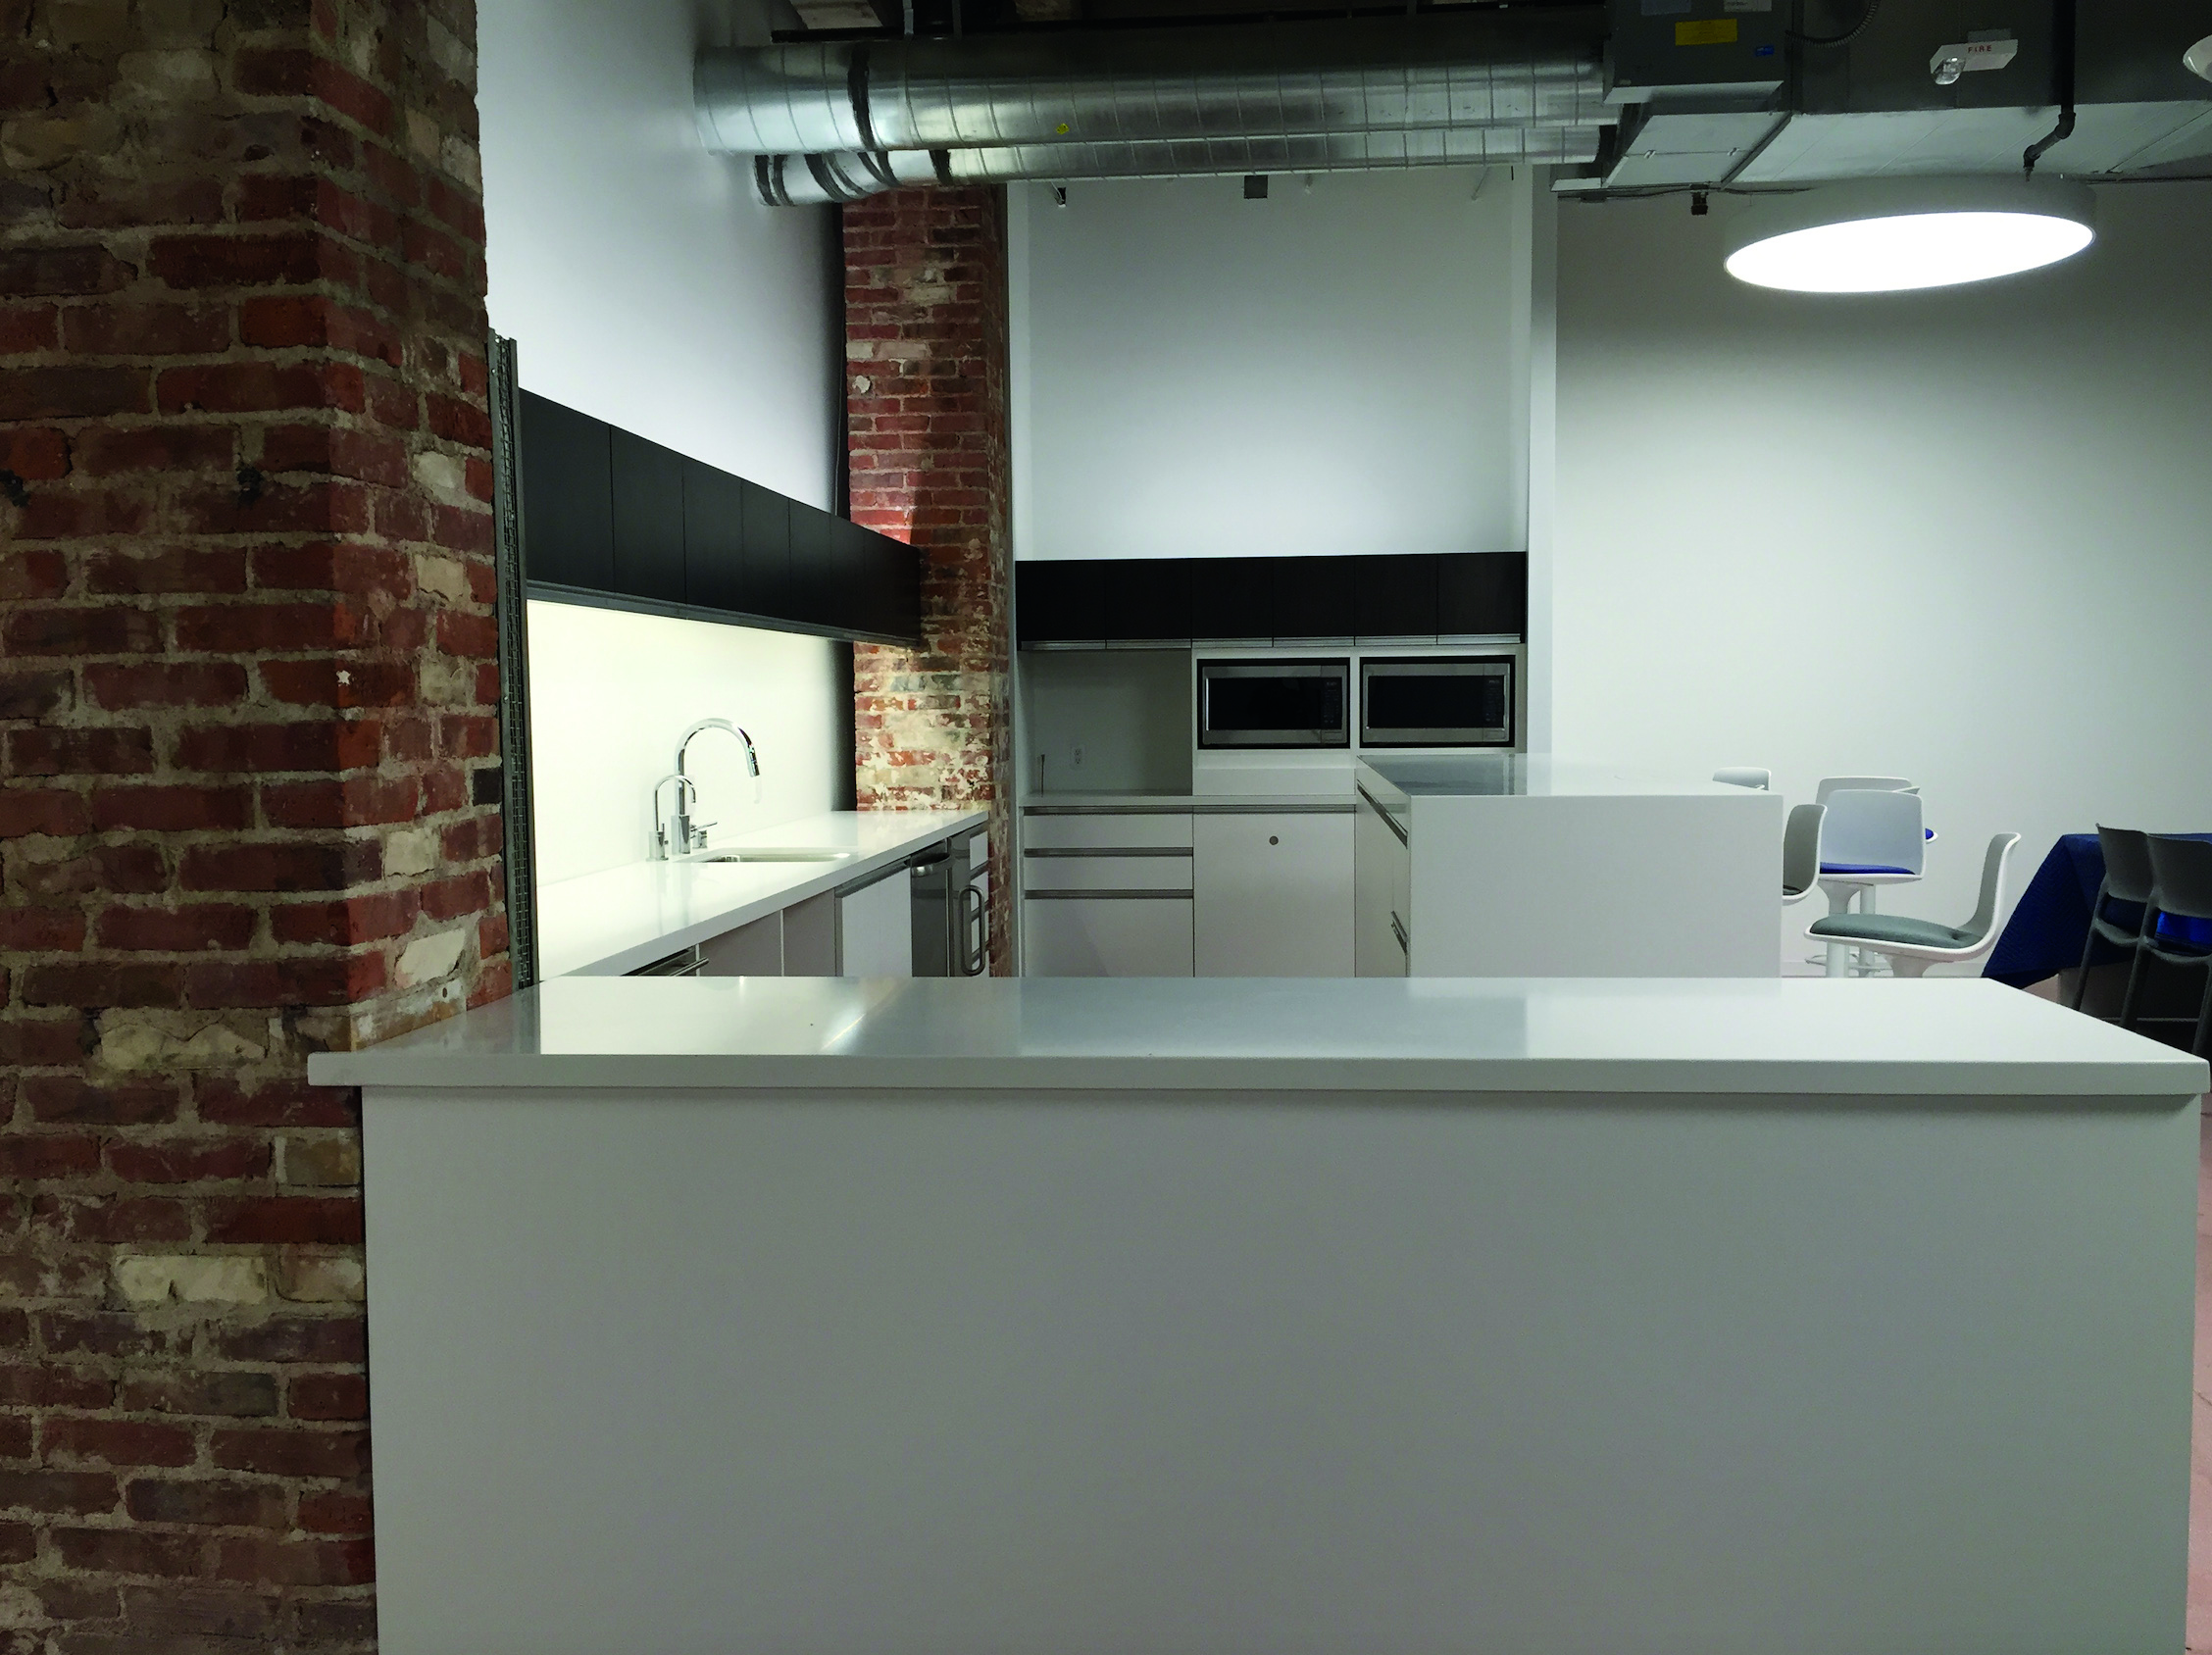 office kitchen 3.jpg